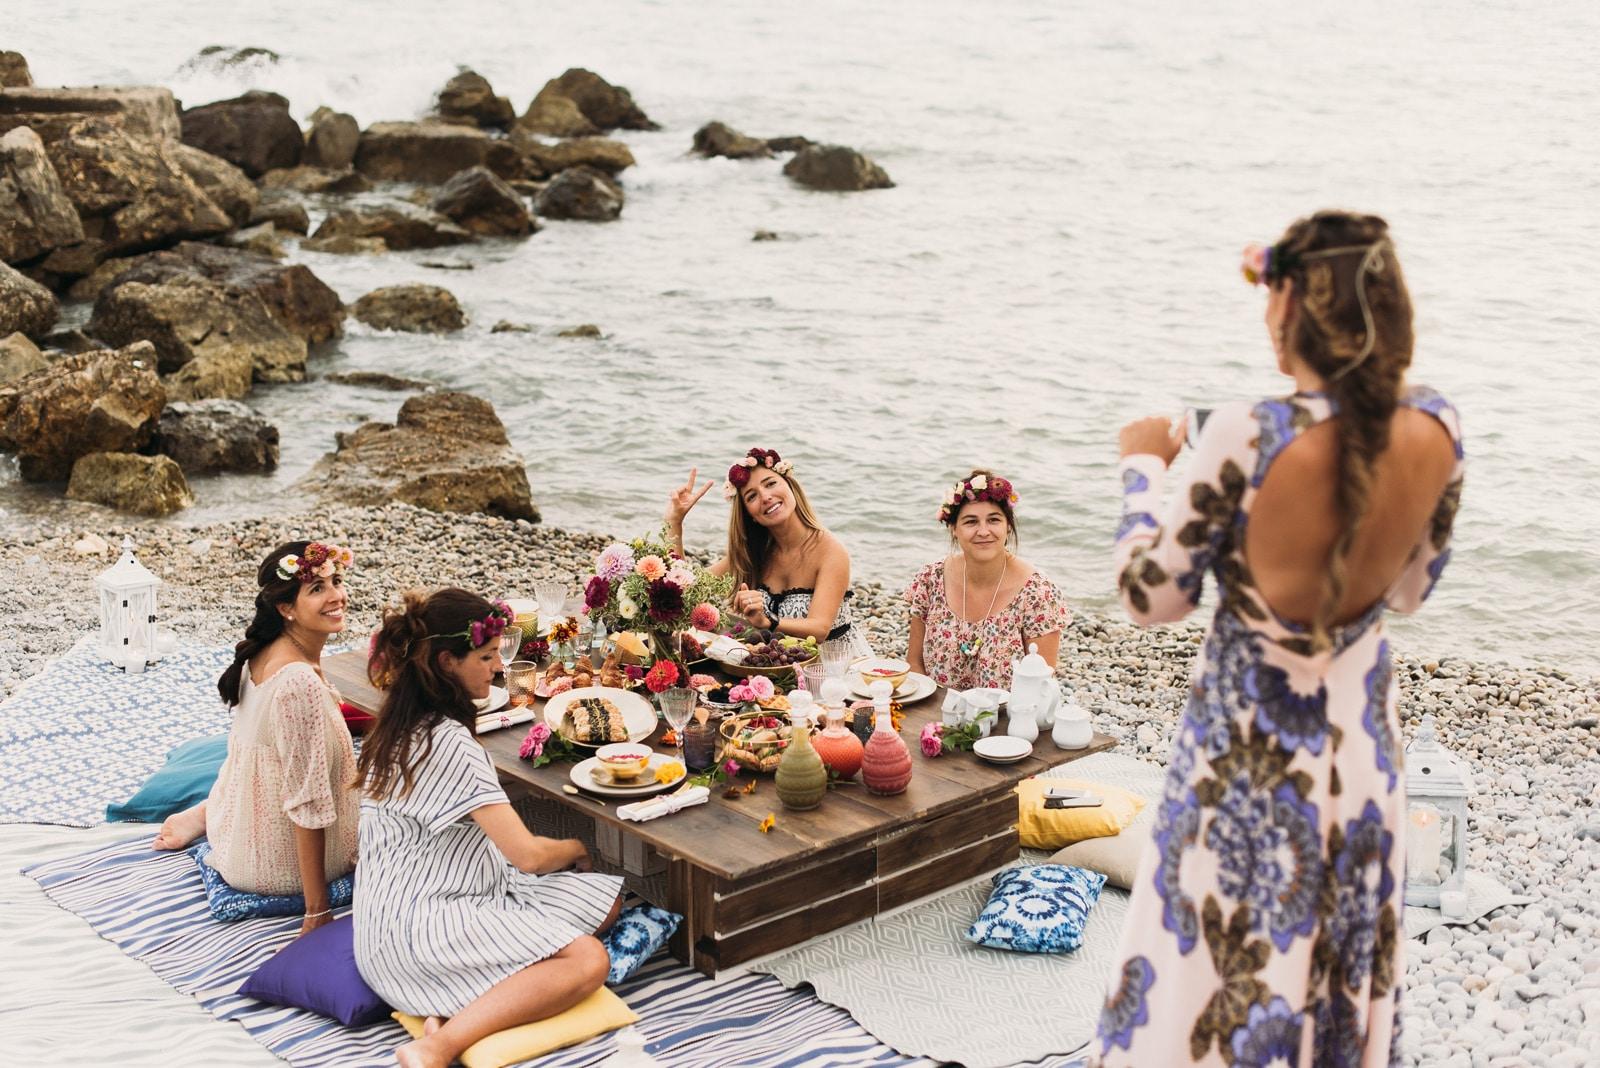 Bridal party de Miss Cavallier: Fotografía de La Dichosa. Organización y decoración de Sí, Te Requetequiero